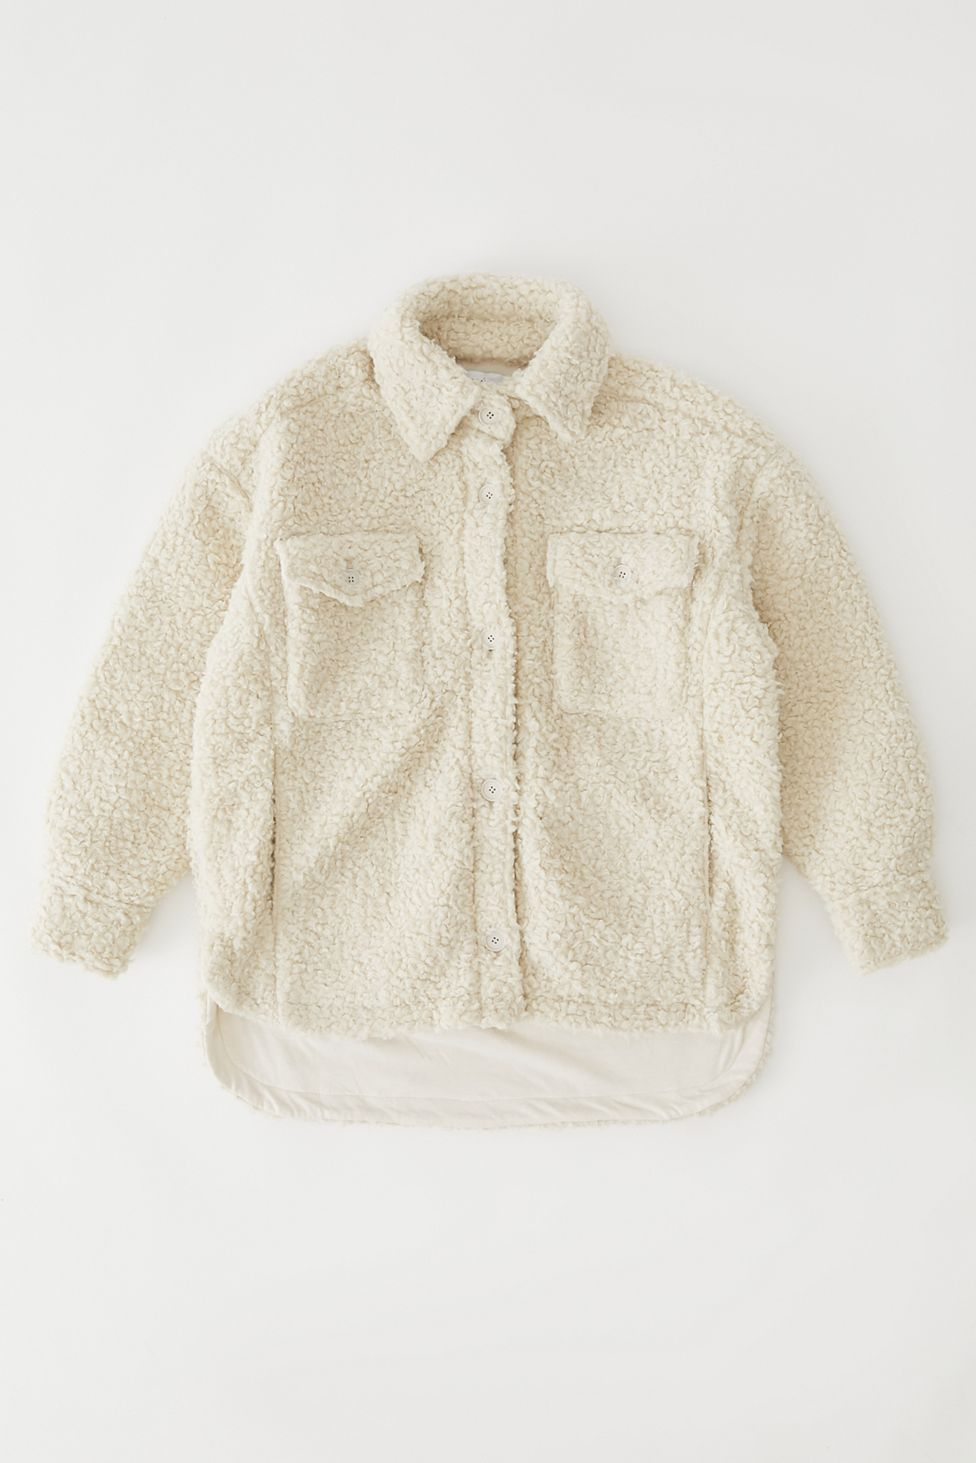 Uo Palmer Sherpa Shirt Jacket Urban Outfitters Urban Outfitters Jacket Shirt Jacket Jackets For Women [ 1463 x 976 Pixel ]